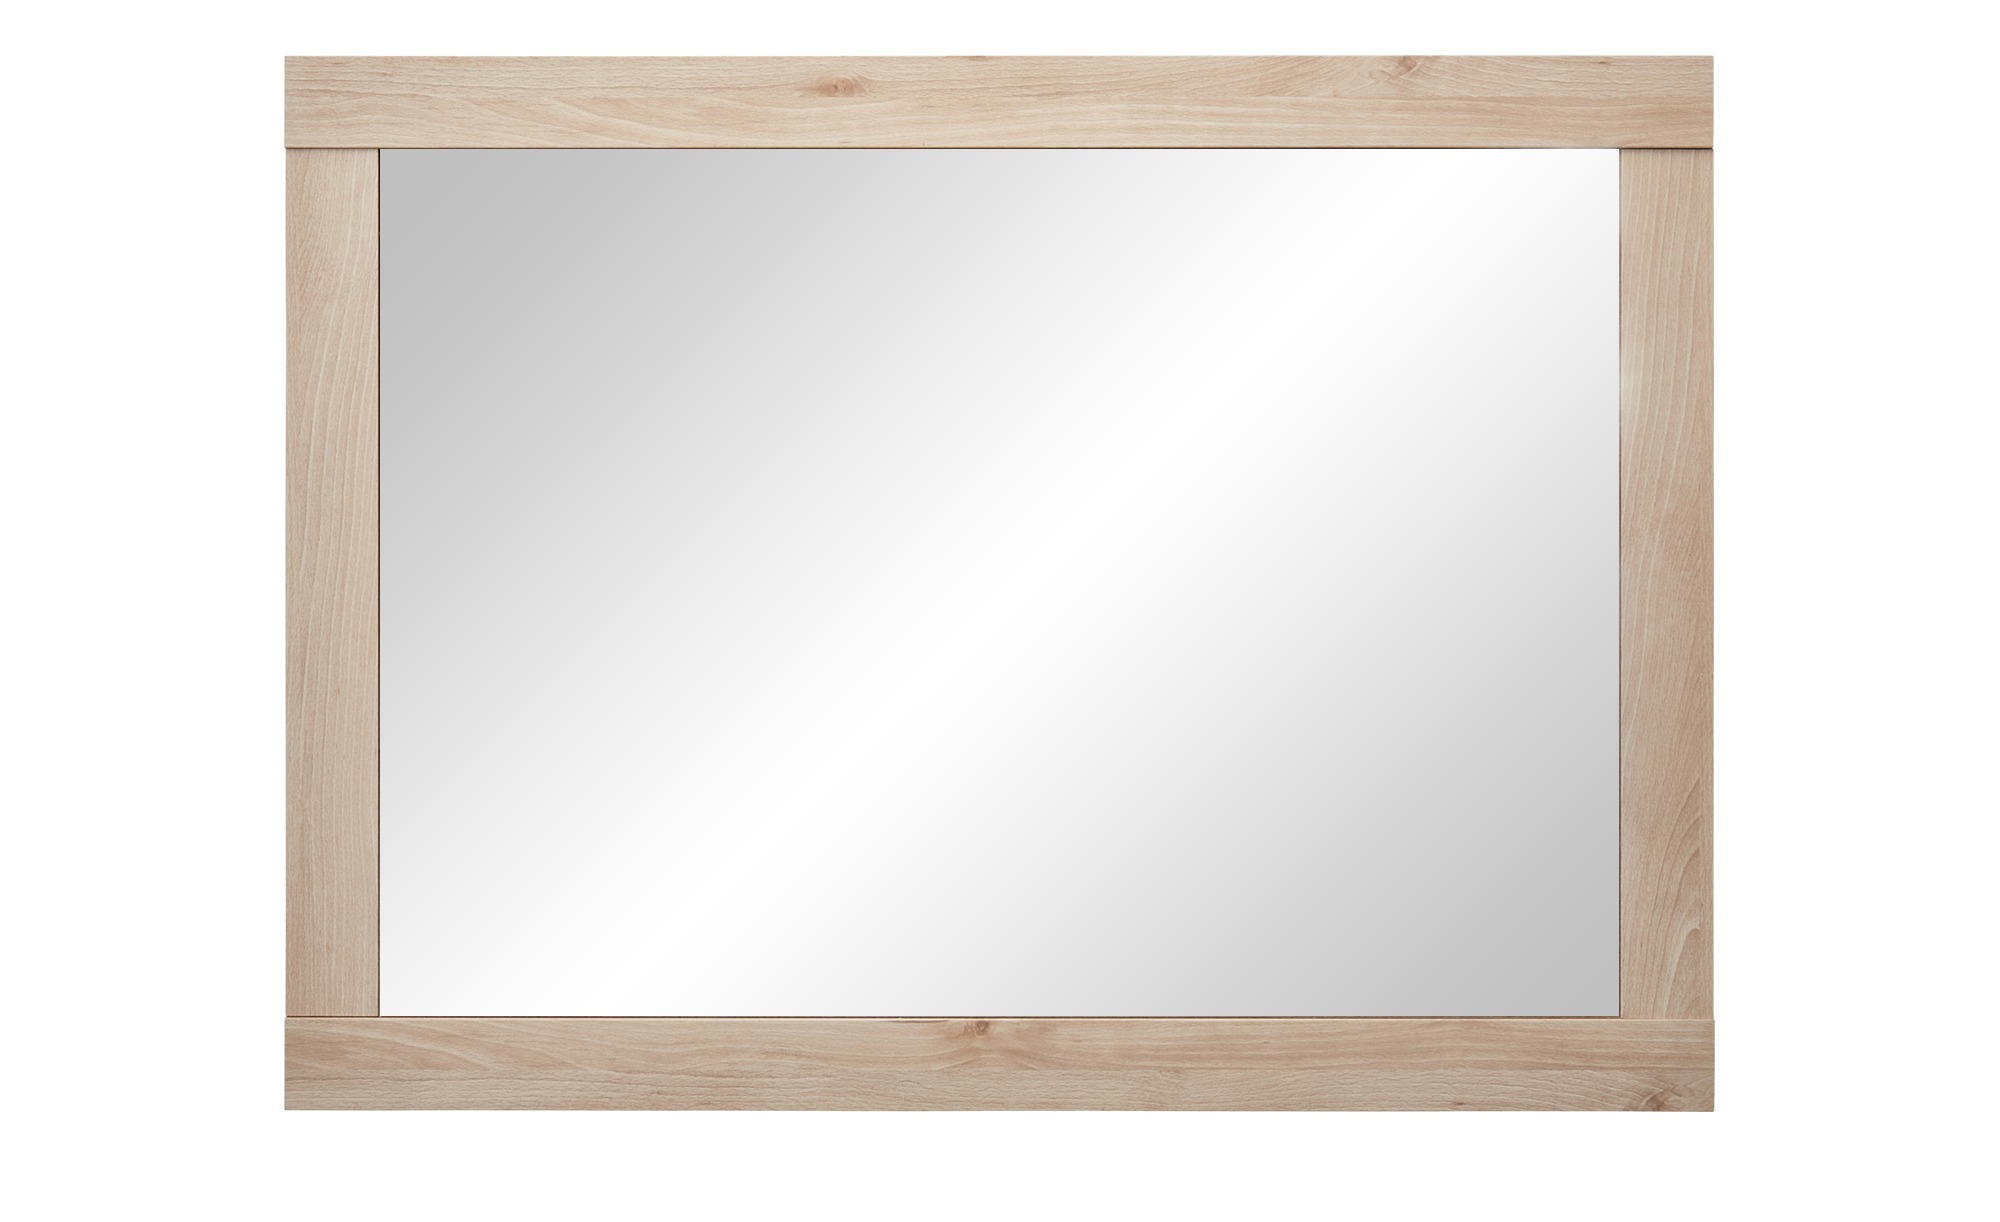 spiegel edelbuche nachbildung porto breite 92 cm h he 68 cm holzfarben online kaufen bei woonio. Black Bedroom Furniture Sets. Home Design Ideas